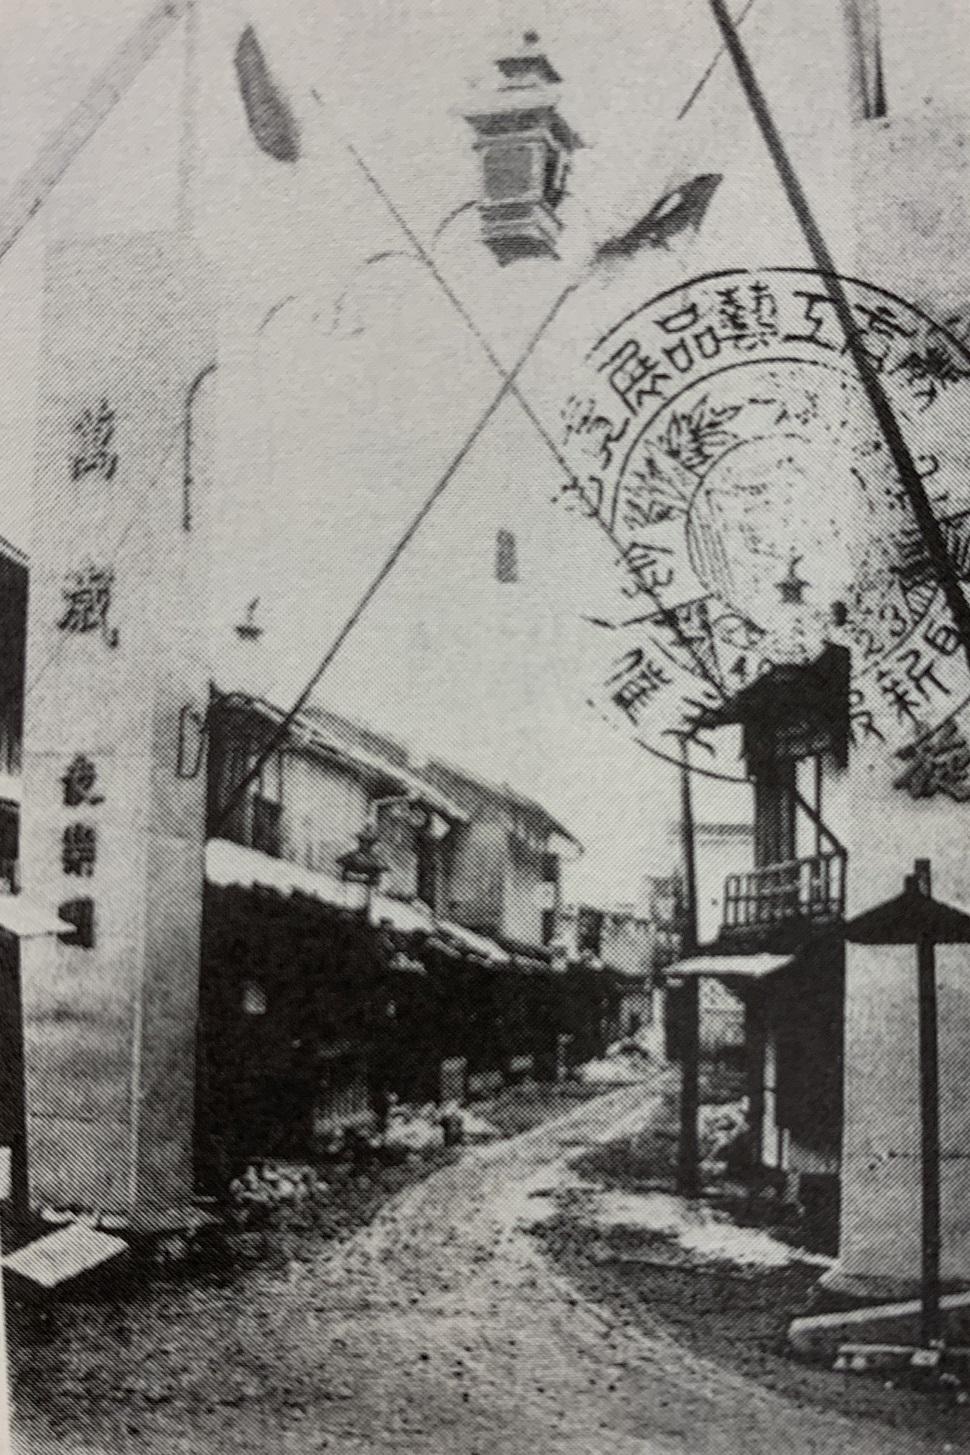 衆楽園大門